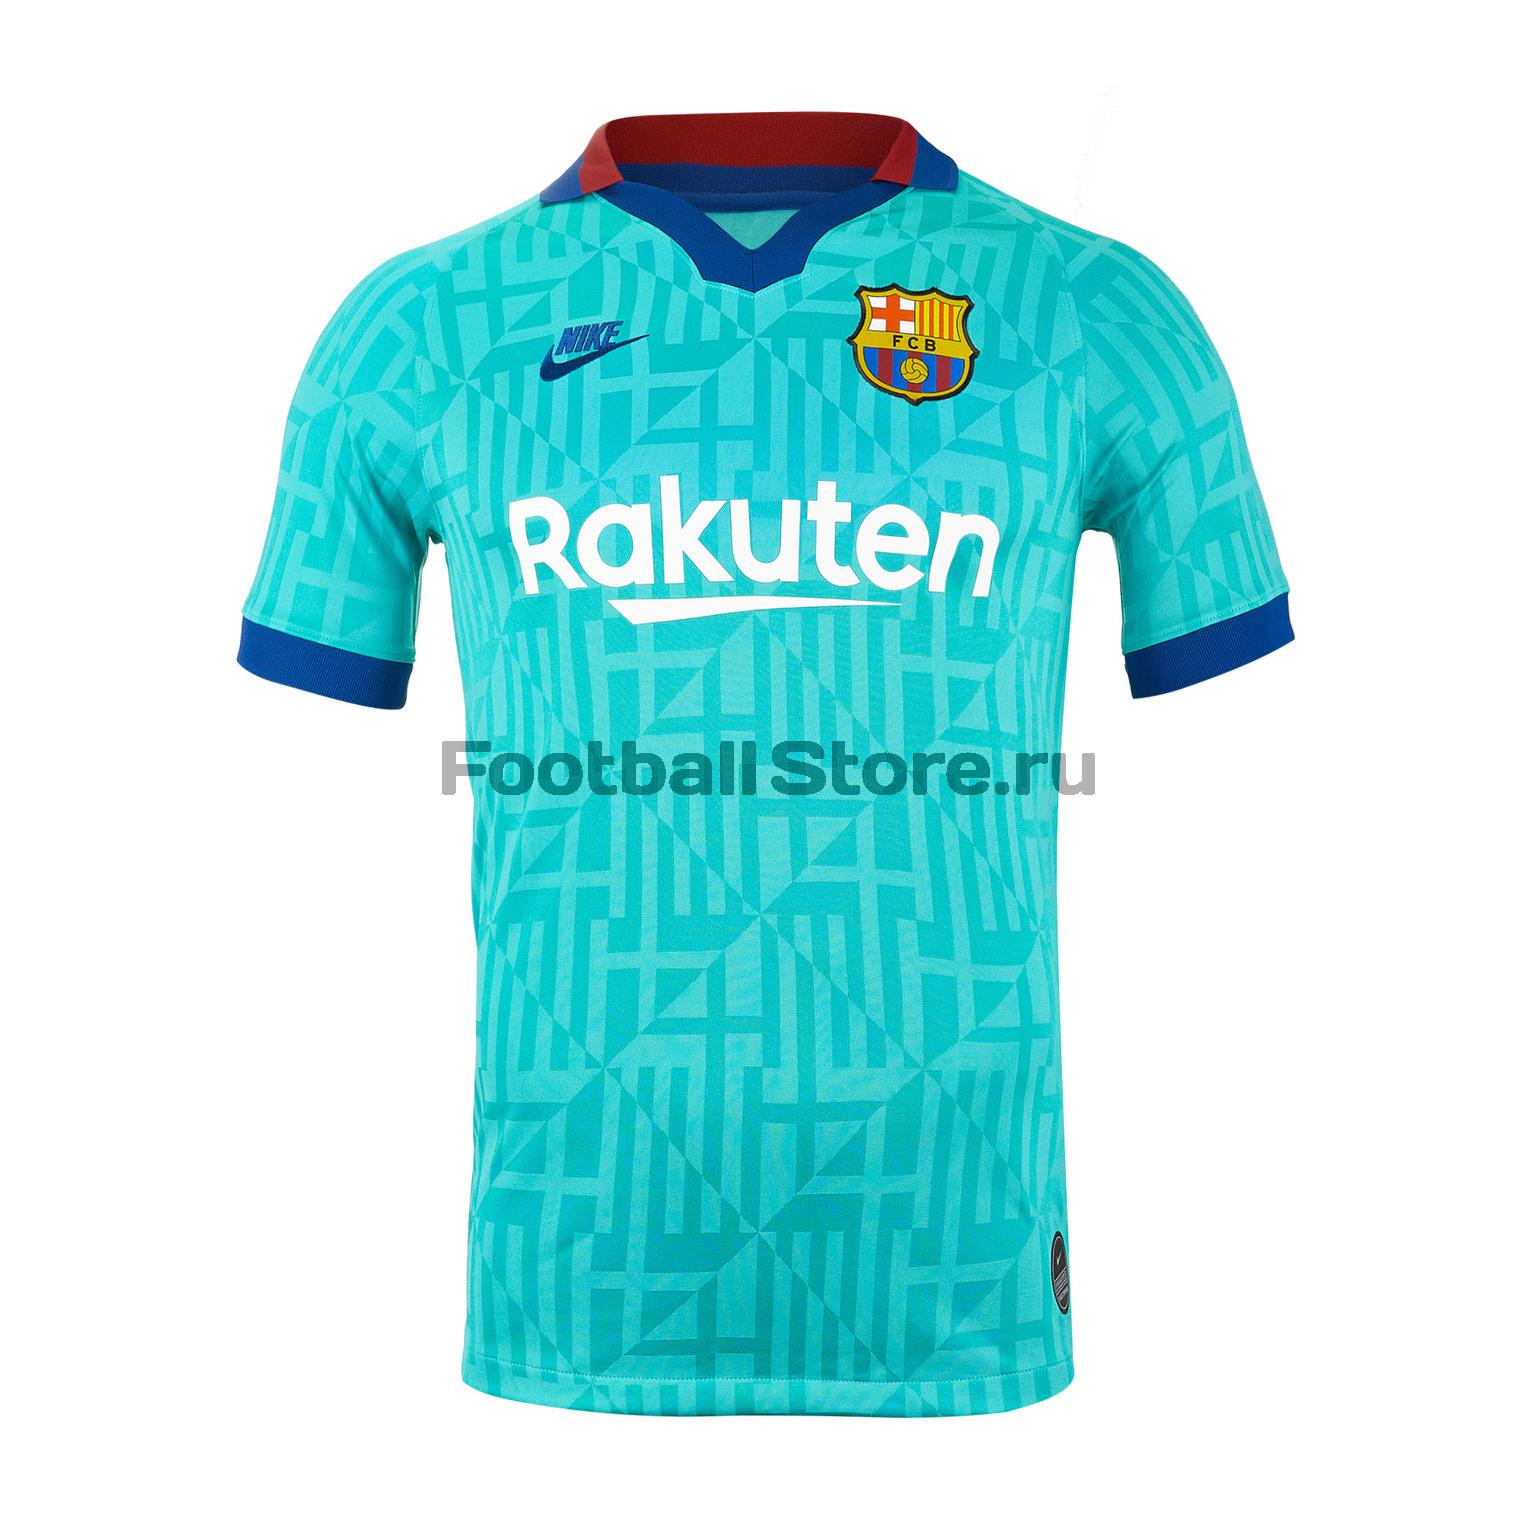 Футболка игровая резервная Nike Barcelona 2019/20 женская игровая футболка nike barcelona home stadium 894447 456